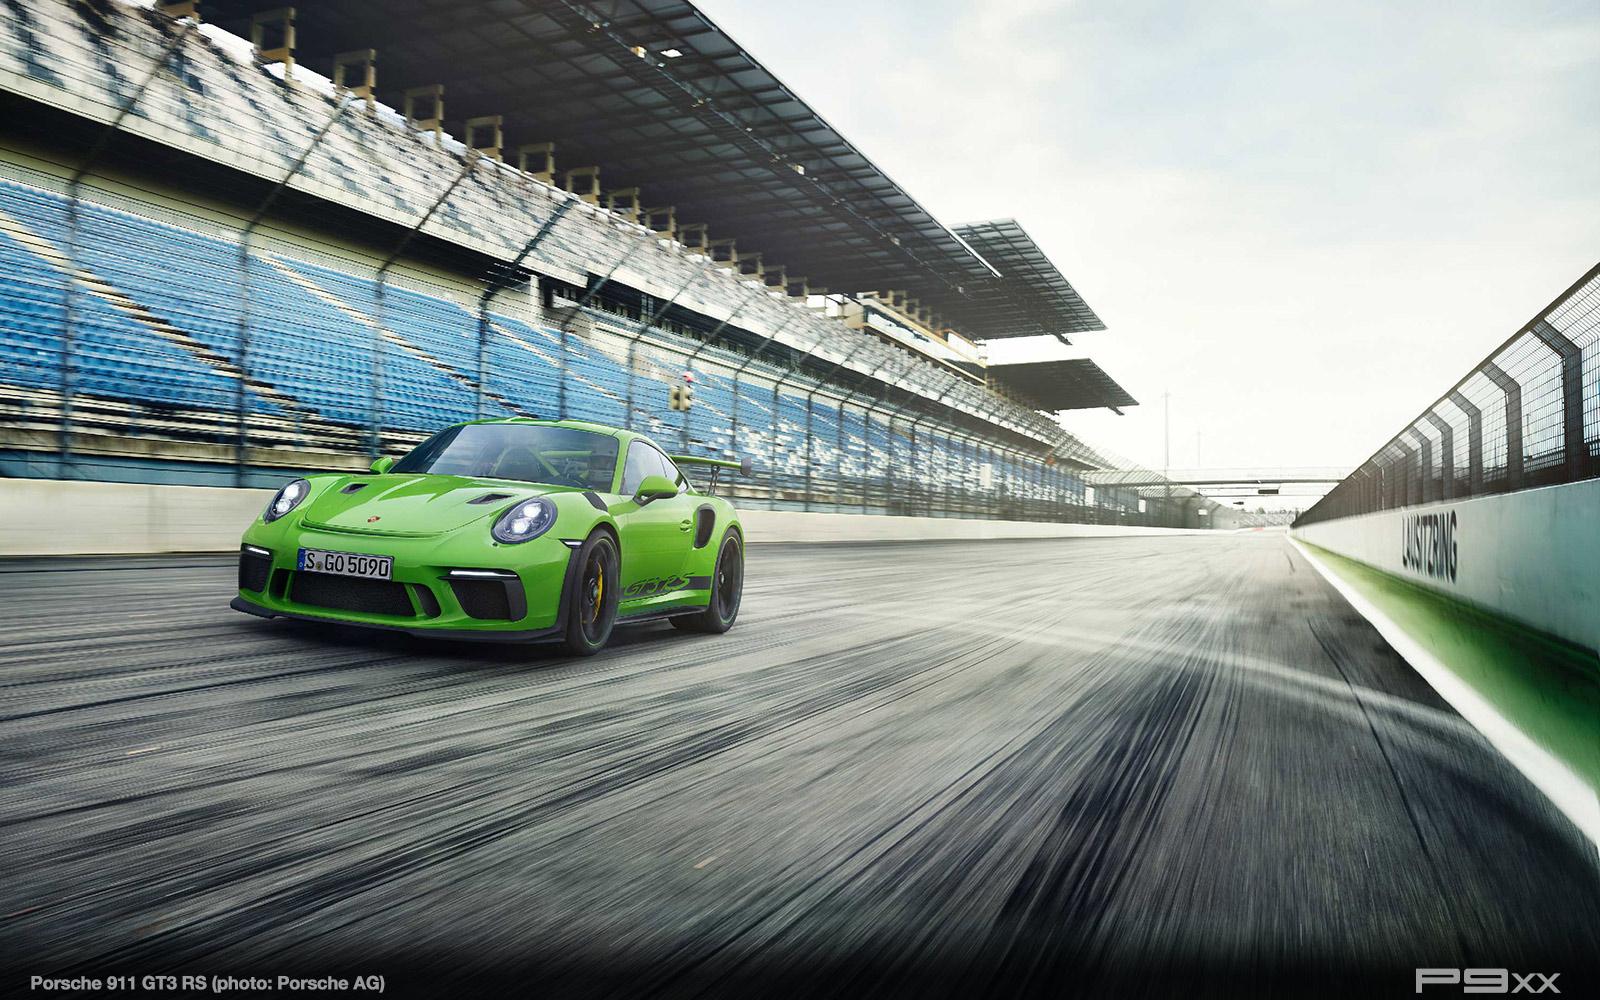 Porsche-911-GT3-RS-991-2-9912-293